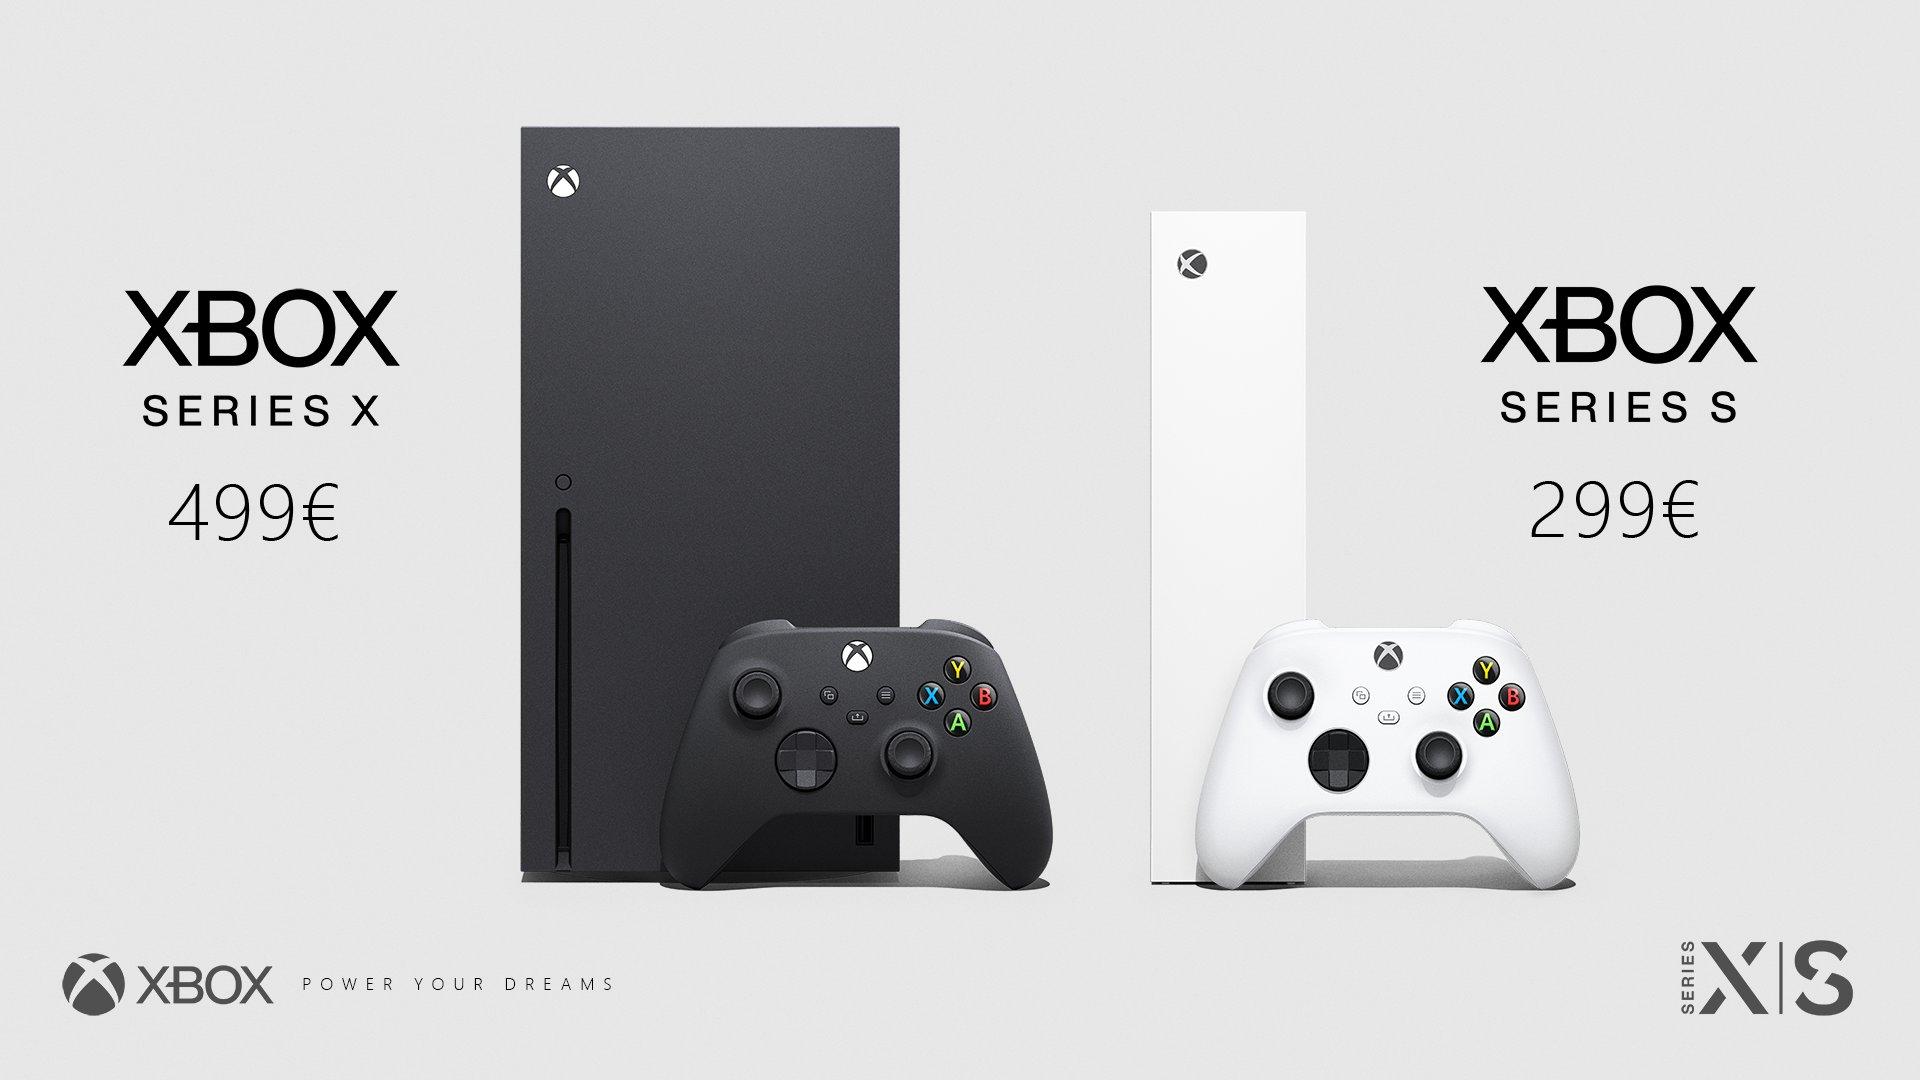 Microsoft revela que el lanzamiento de la Xbox Series X|S es el más exitoso de su historia